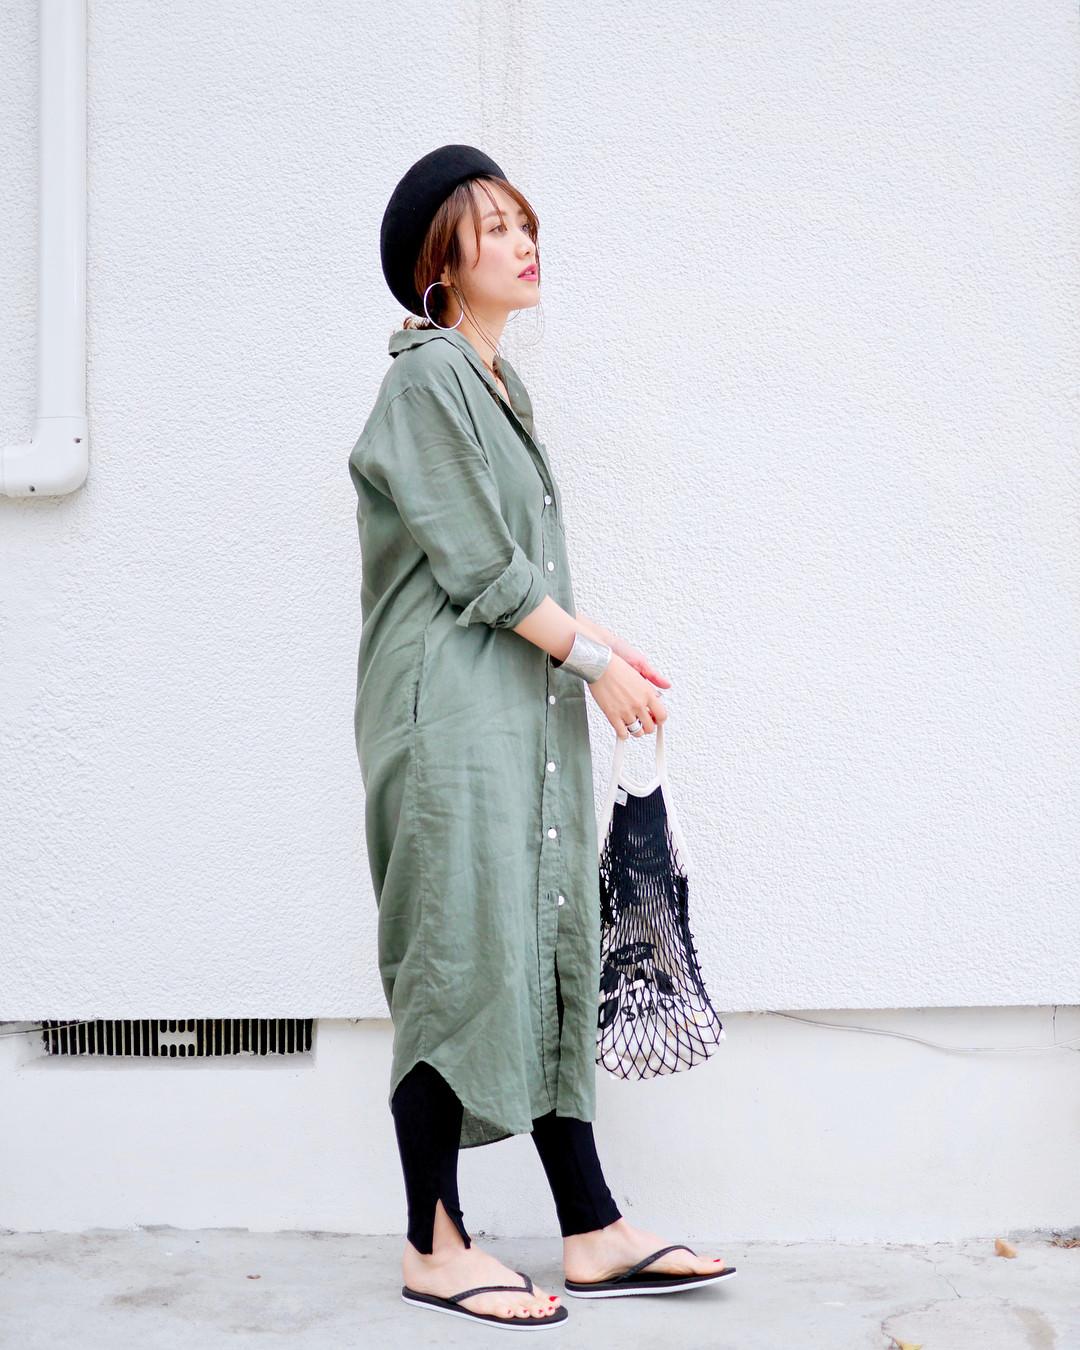 ロングシャツワンピは抜襟&小物でおしゃれに着こなす! 出典:mikiaoba